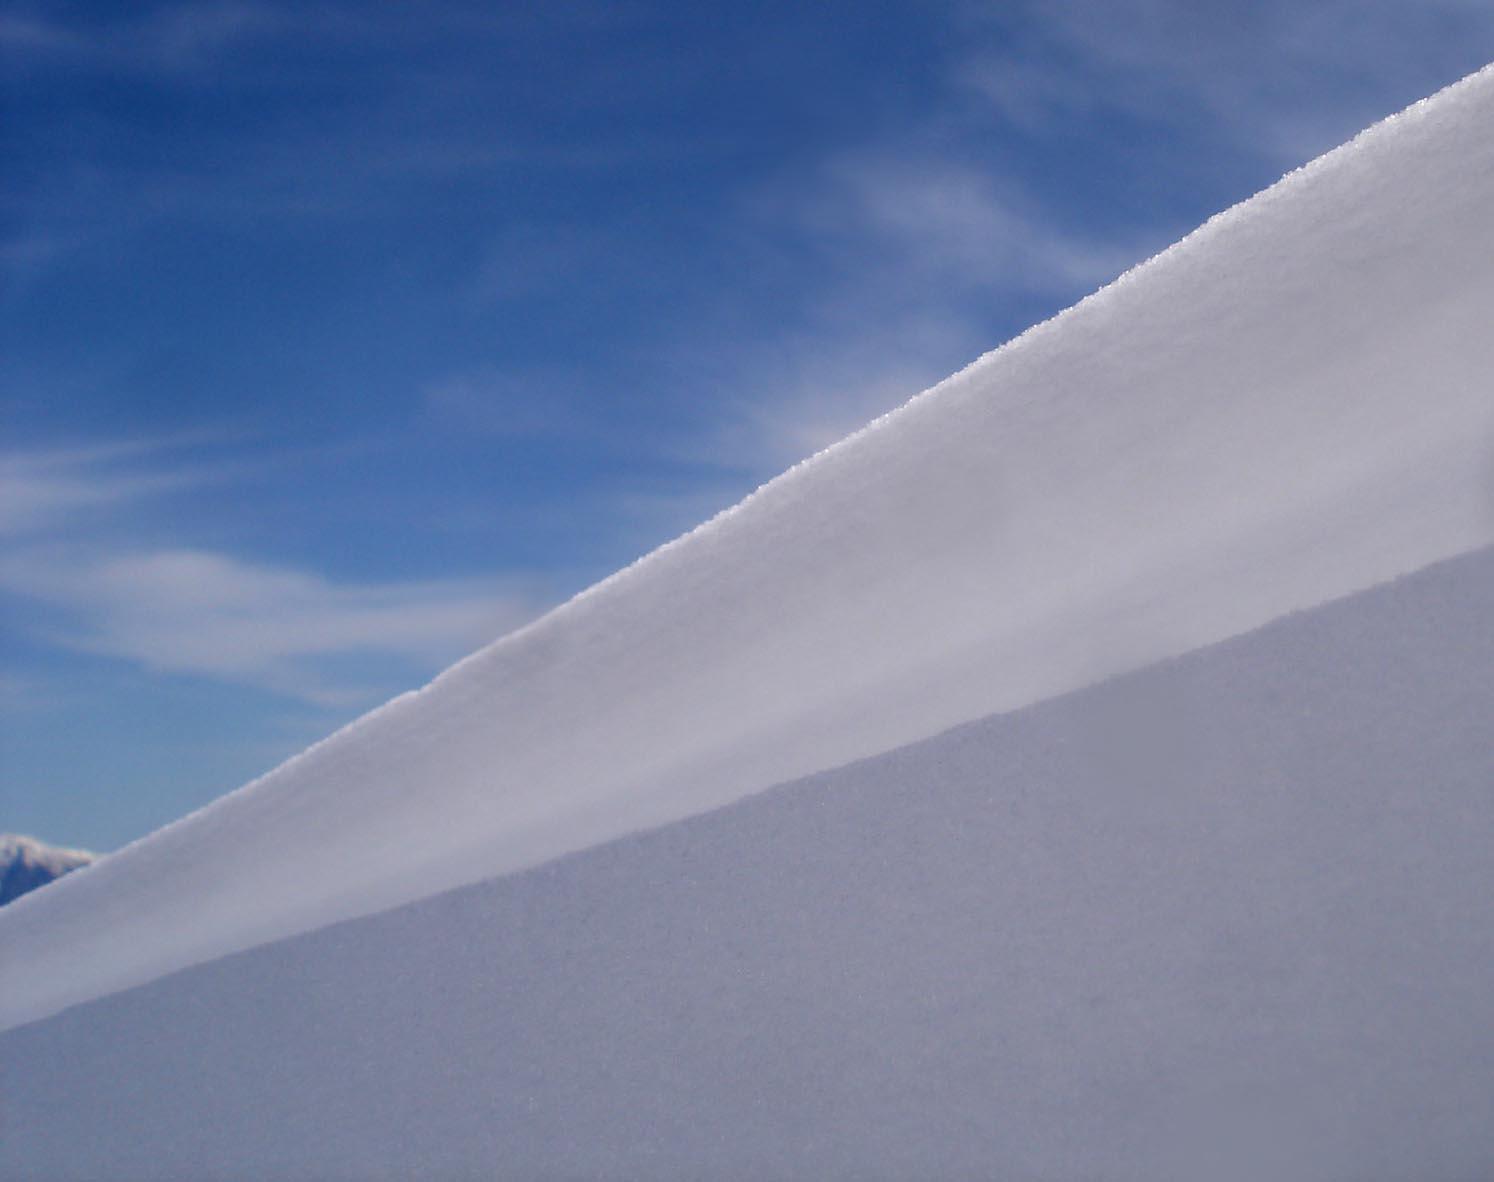 二重雪庇アップ DSC05522